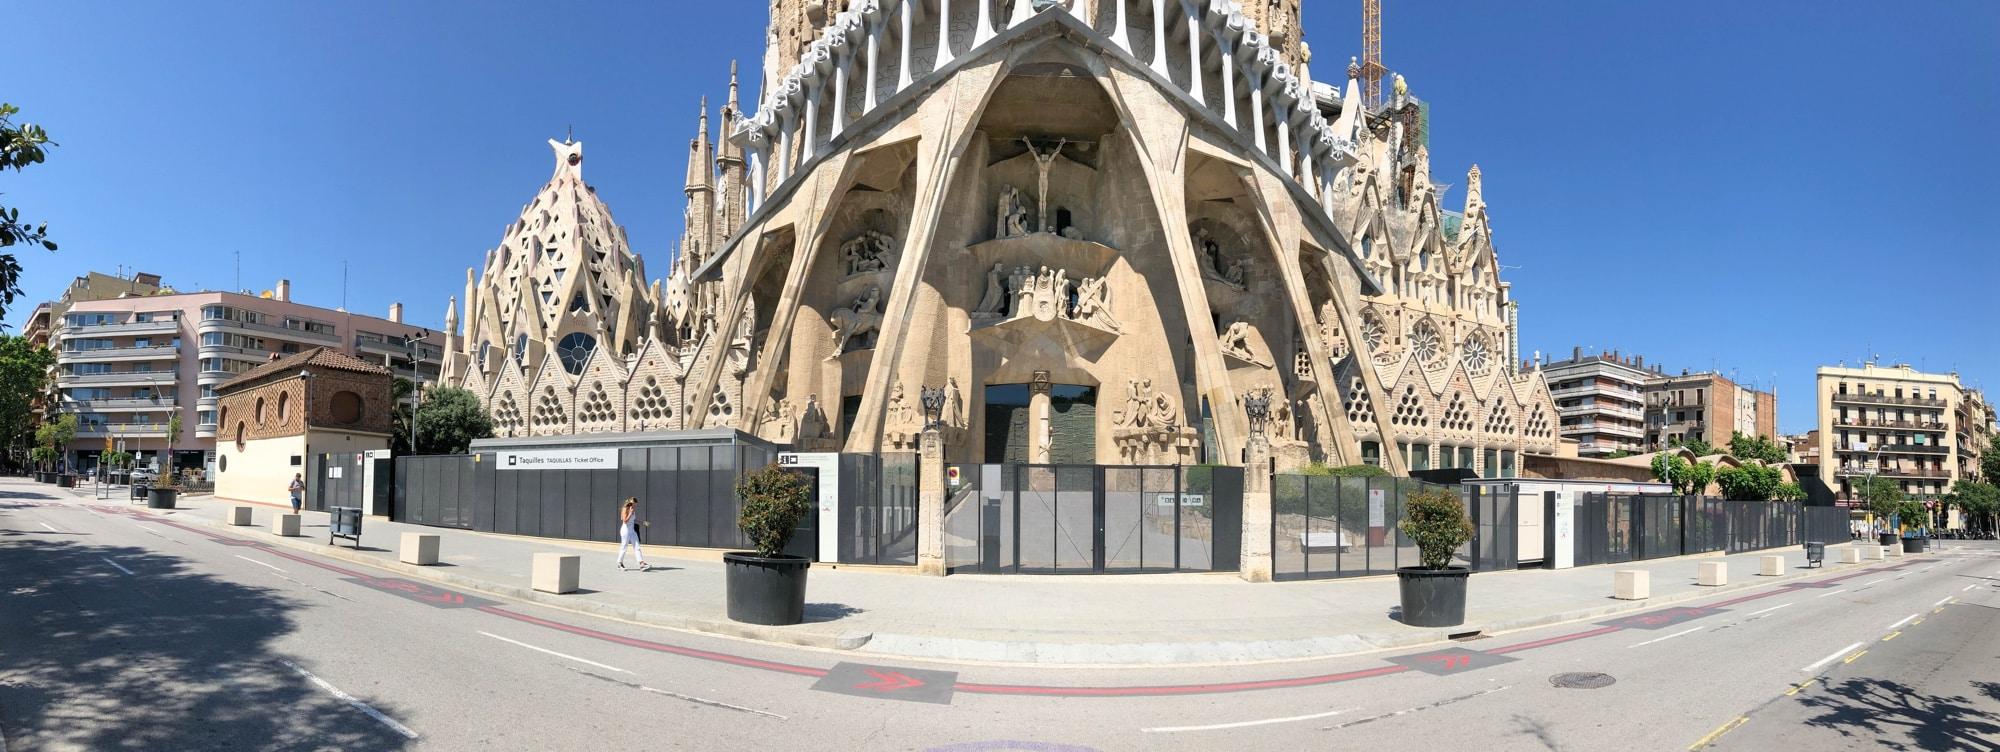 sagrada Familia während corona 2020